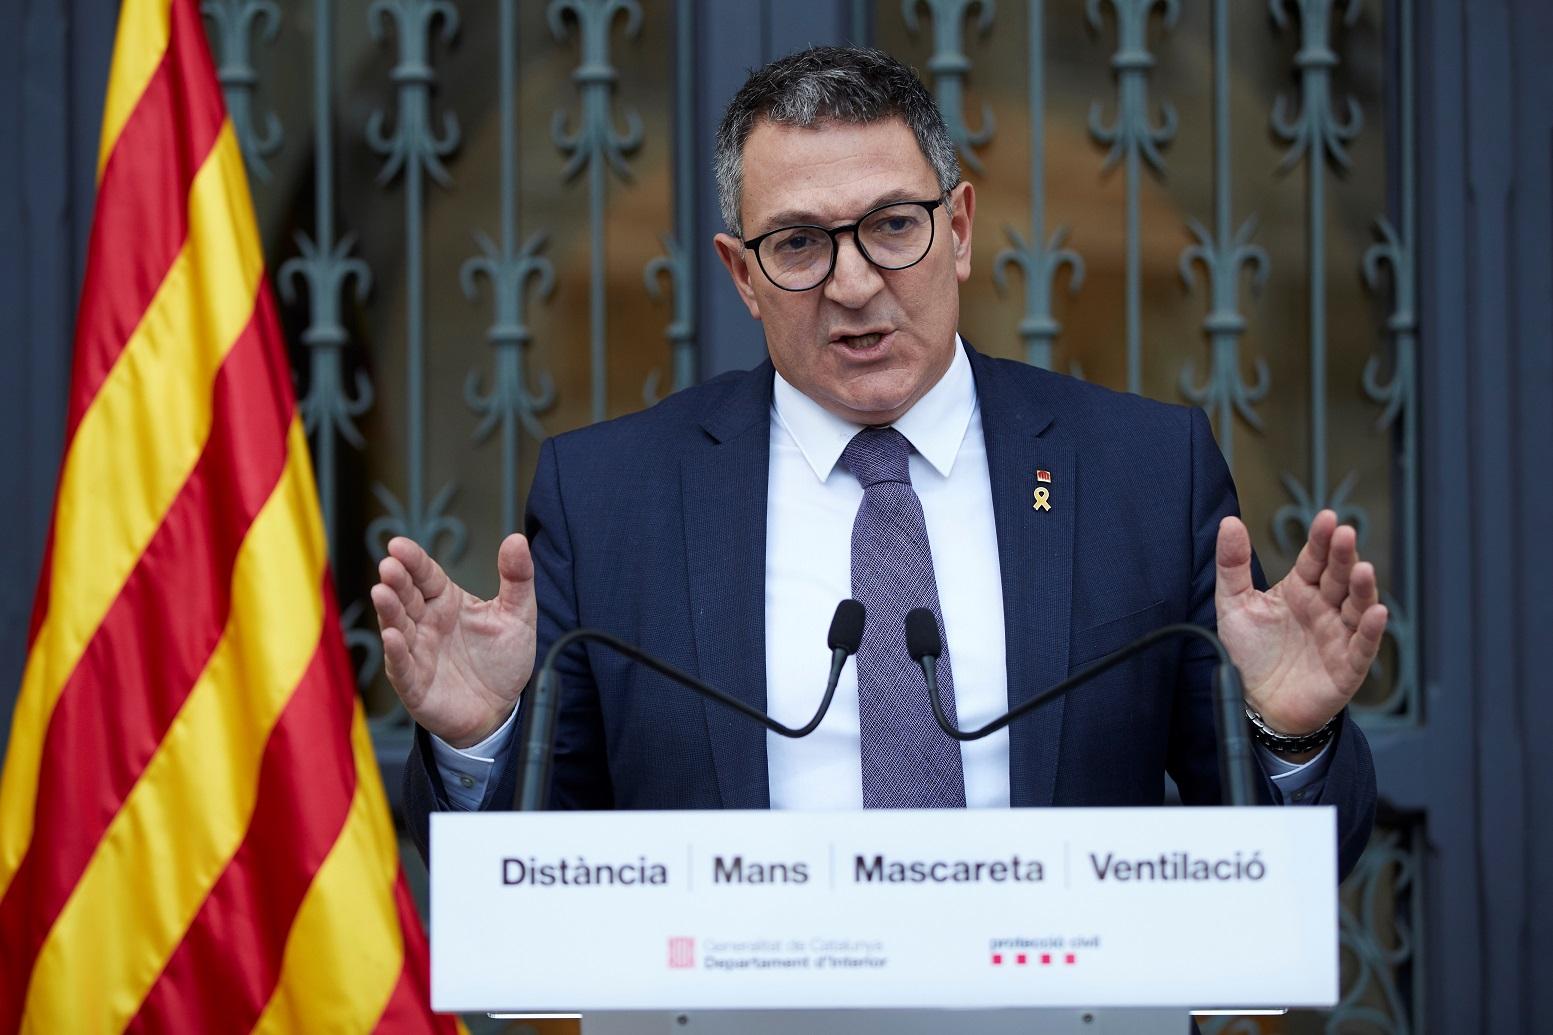 El consejero catalán de Interior, Miquel Sàmper, durante una rueda de prensa en Barcelona, el 18 de febrero de 2021 | EFE/AG/Archivo